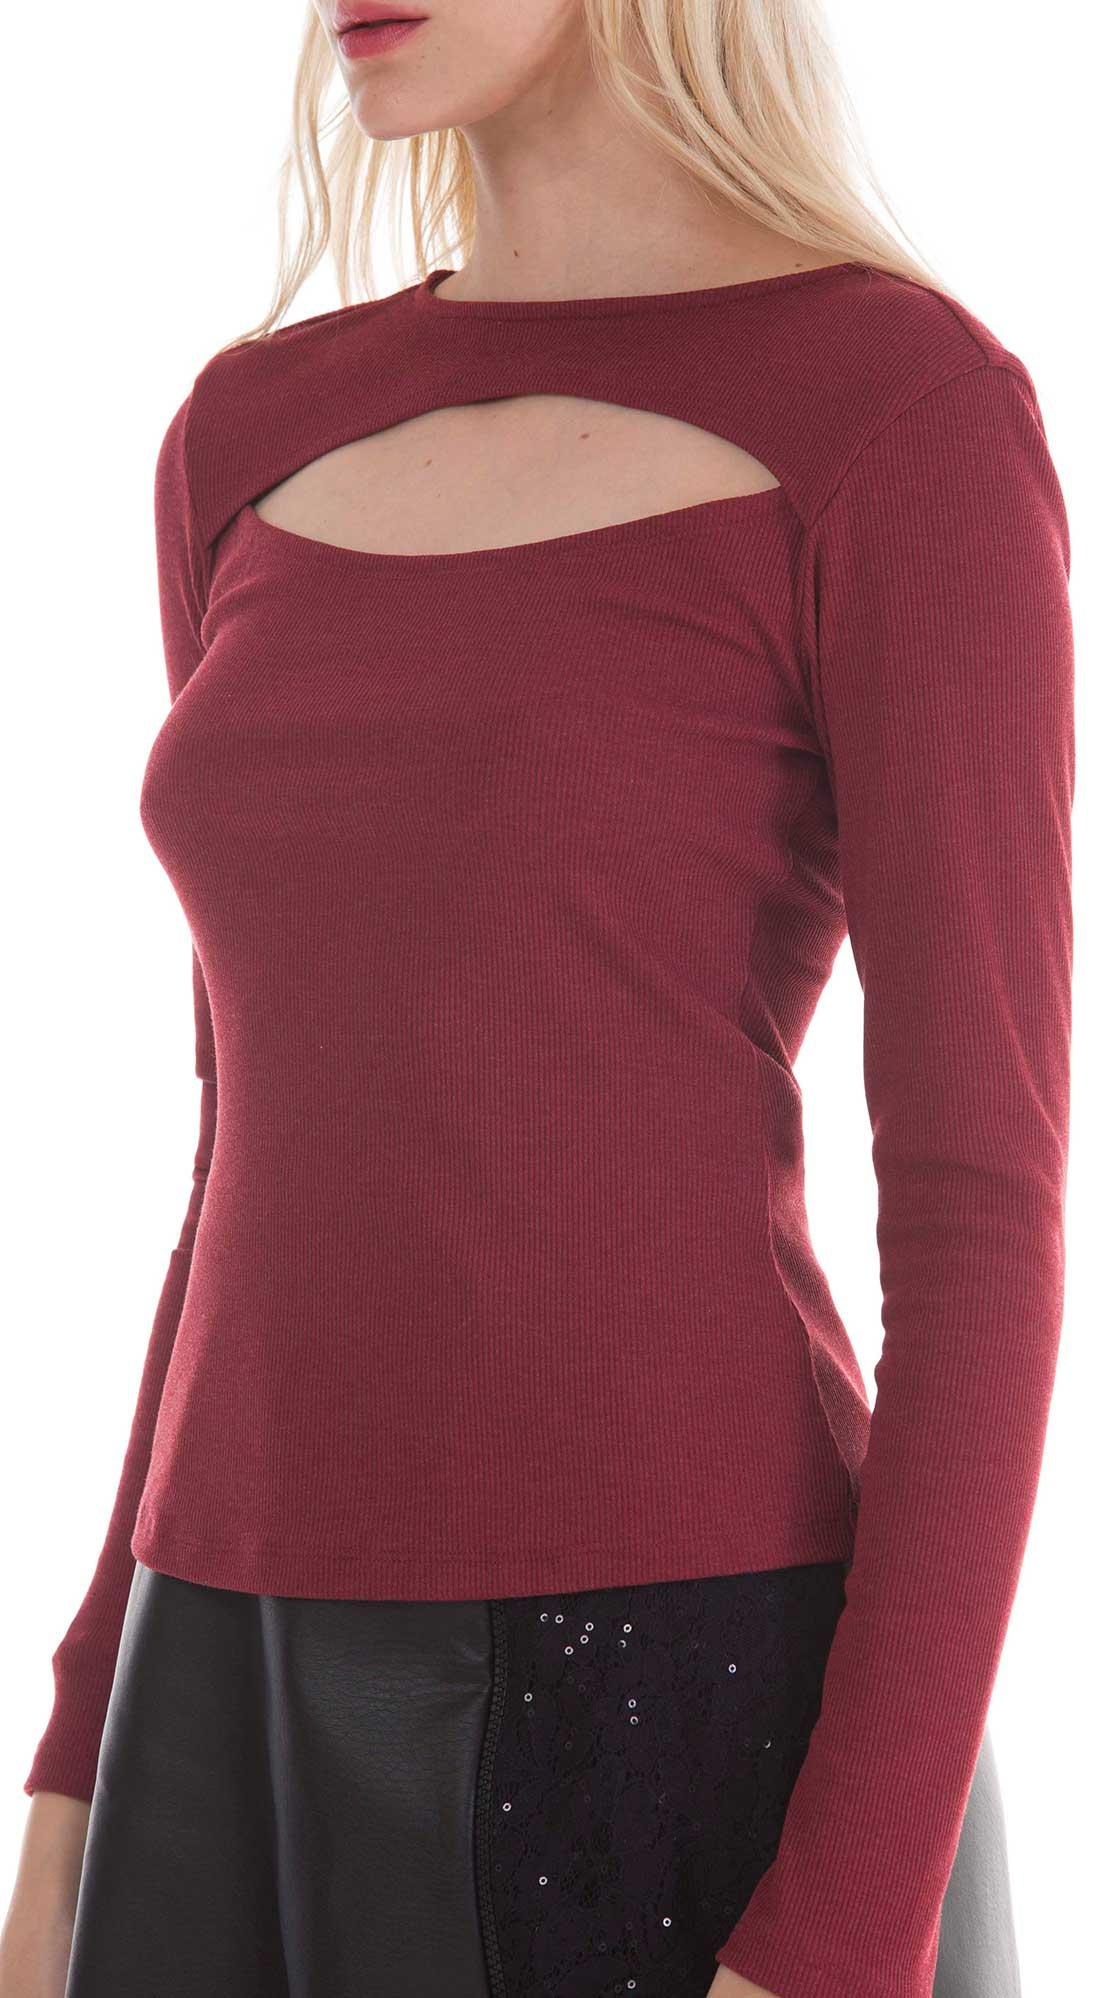 772a5606de Blusa Decote Redondo Manga Longa Abertura Frente Vermelho - Zinco